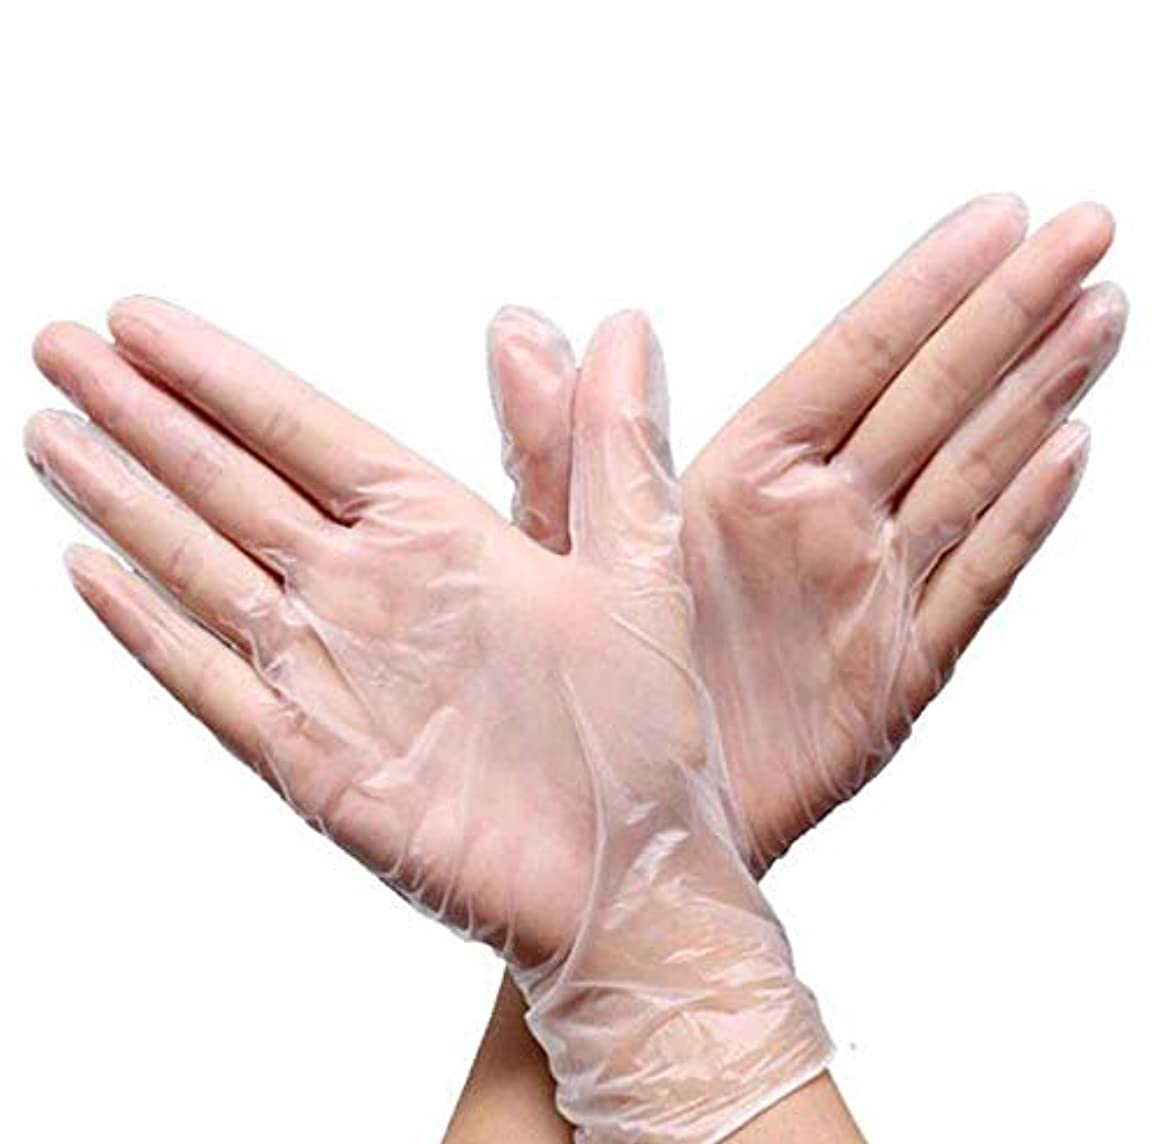 モバイル規模ギャンブルSTK ニトリルゴム手袋 使い捨て手袋 透明 耐油 防水 左右兼用 粉なし 手荒れを防ぎ 素手 薄い 介護 トイレ掃除 園芸 美容 食器洗い (50ペアセット)